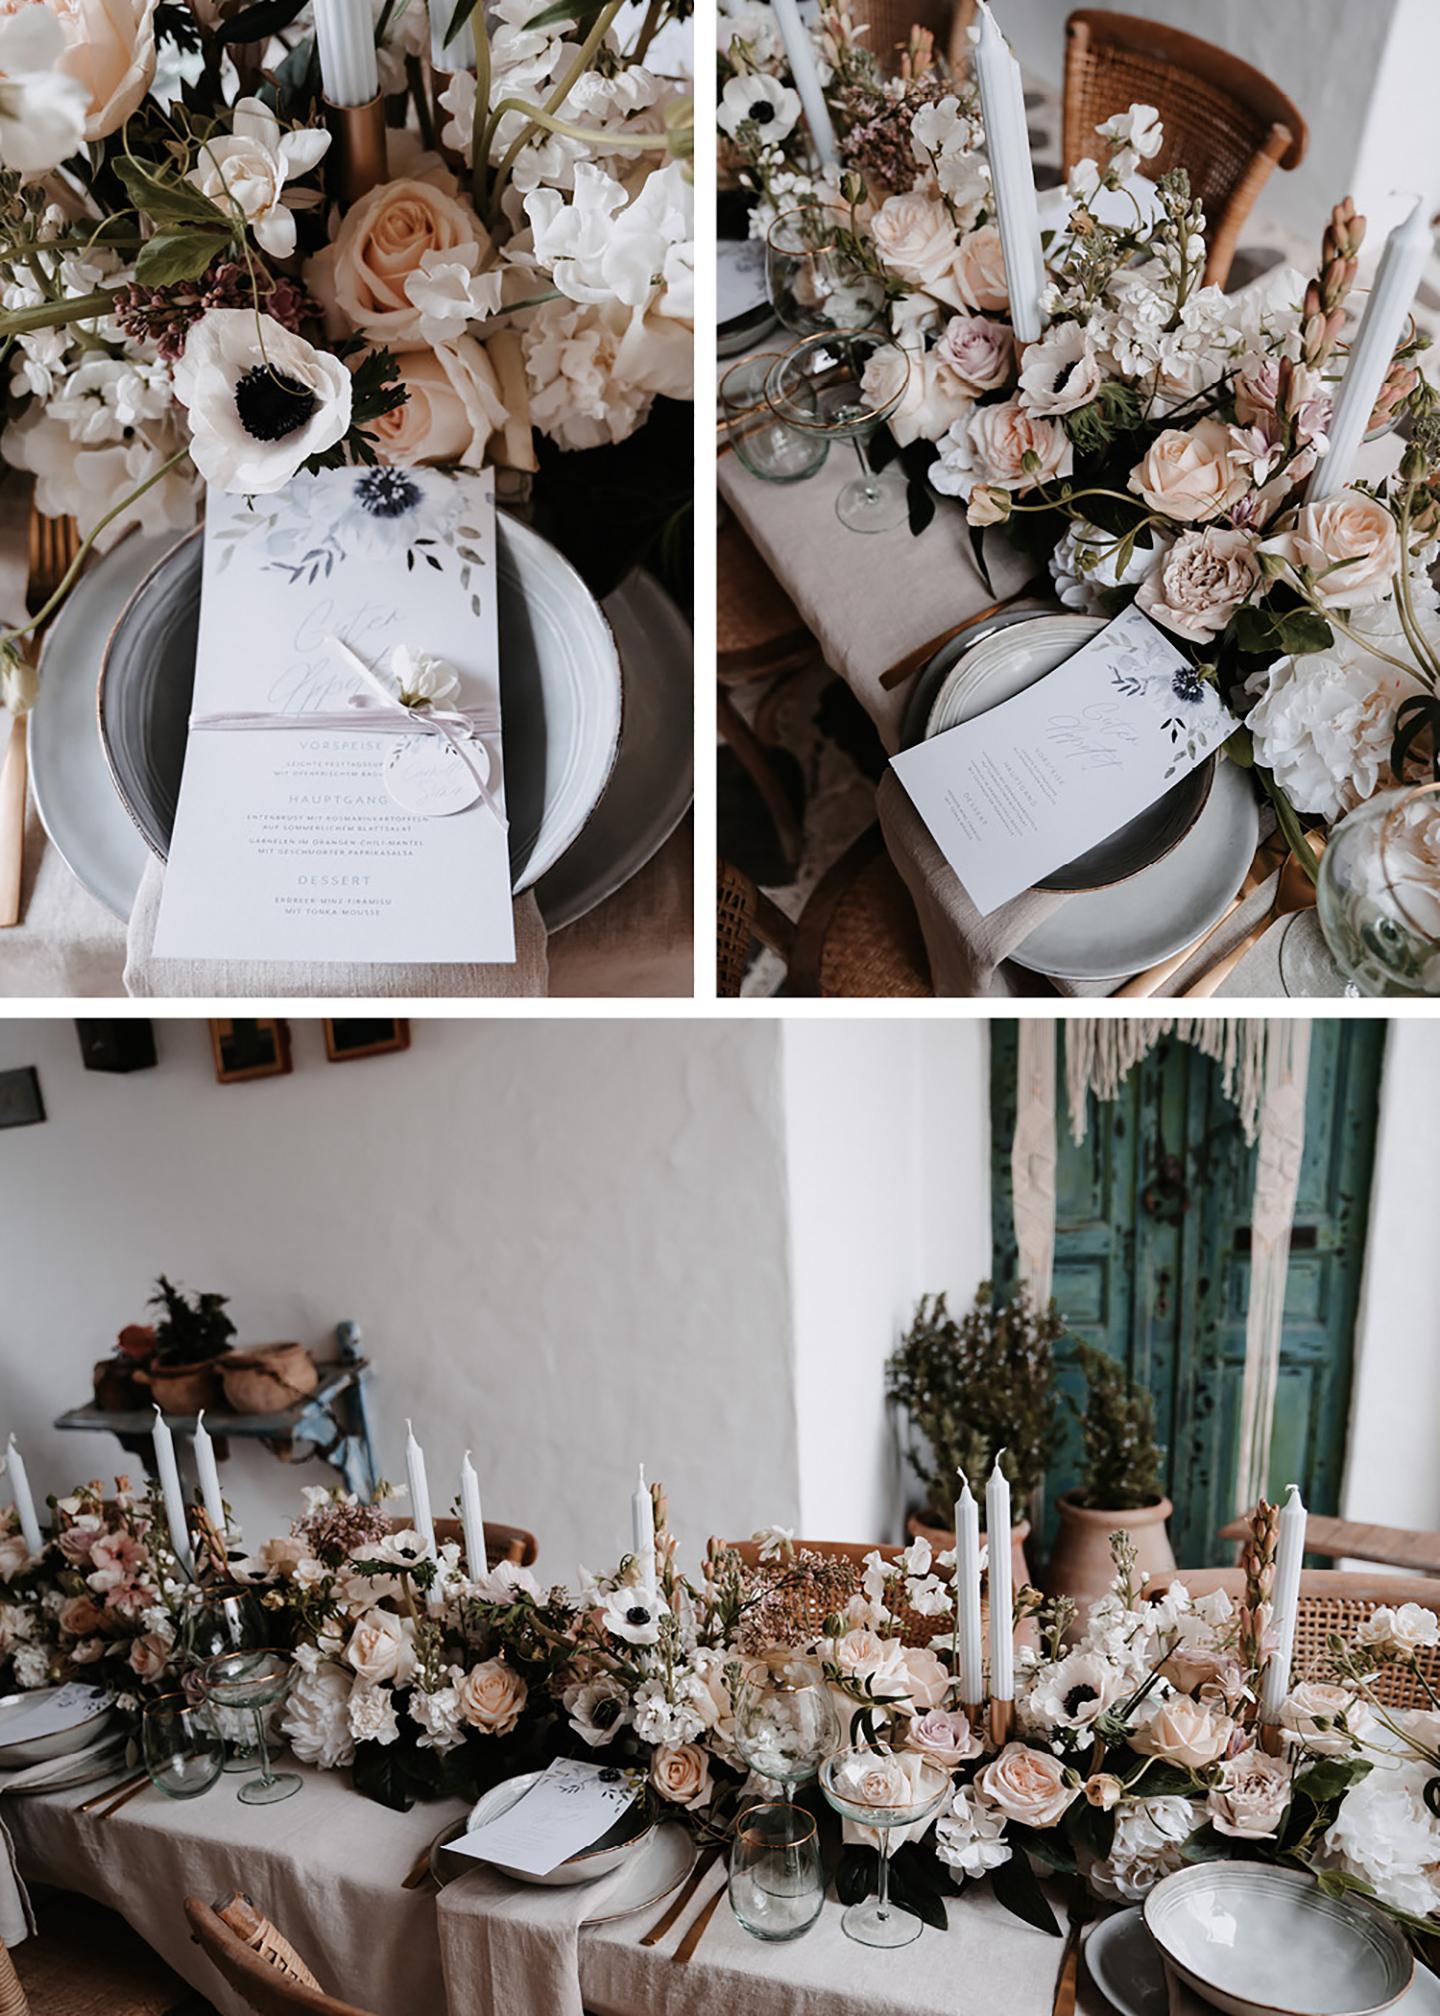 Die Hochzeitspapeterie wurde auf den Tellern der Gäste platziert. Ein eigenes Menü ist auf jedem Platz zu finden. Die geschmückten Blumen runden das Bild ab.